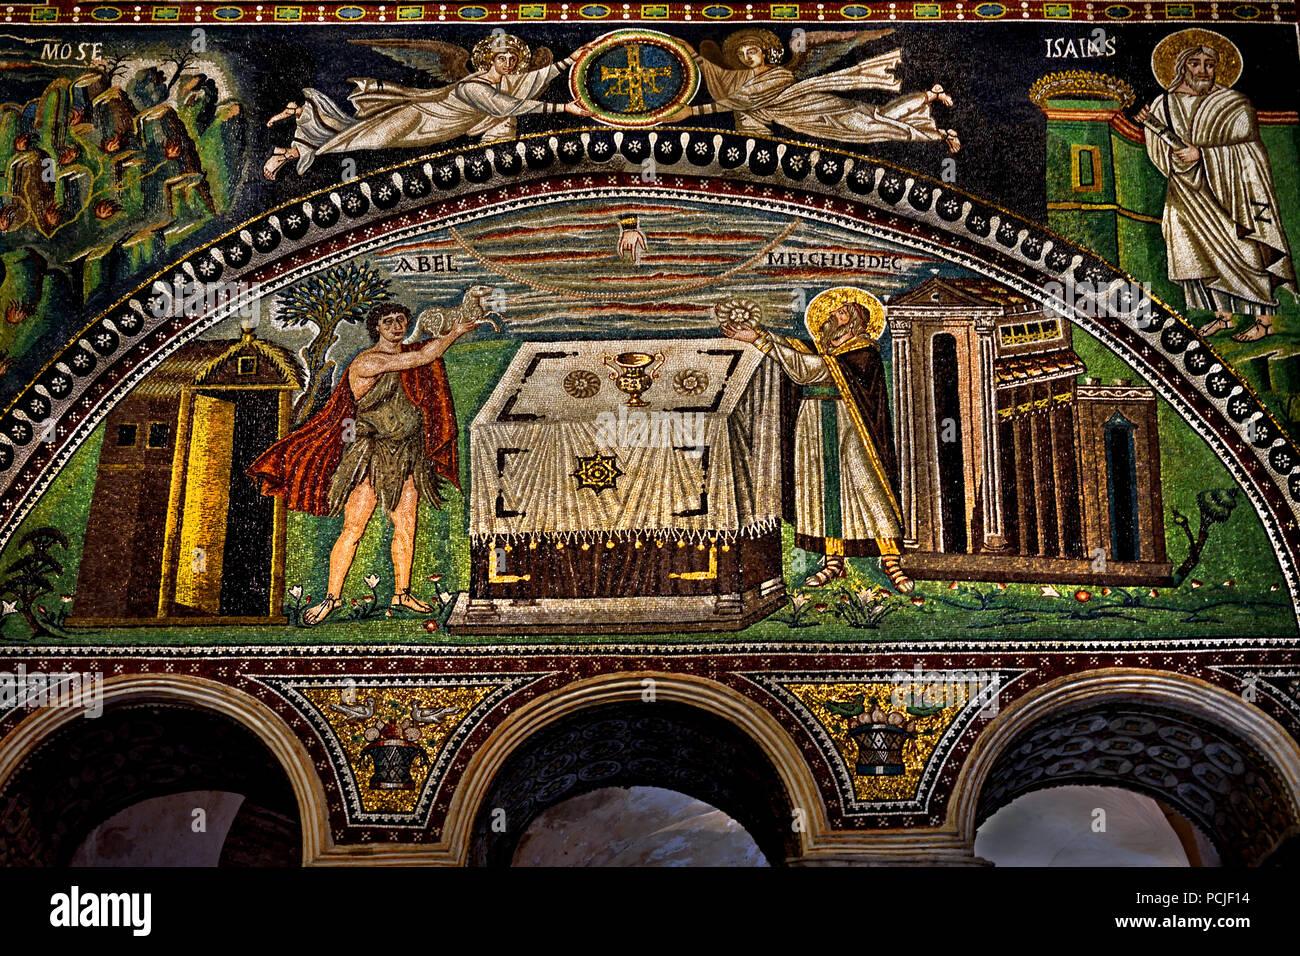 Il sacrificio di Abele e Melchisedech nella Basilica di San Vitale 547 annuncio del VI secolo in Ravenna - Mosaici ( tardo romana e bizantina, architettura) Emilia Romagna - Italia settentrionale. ( UNESCO World Heritage Site ) Immagini Stock